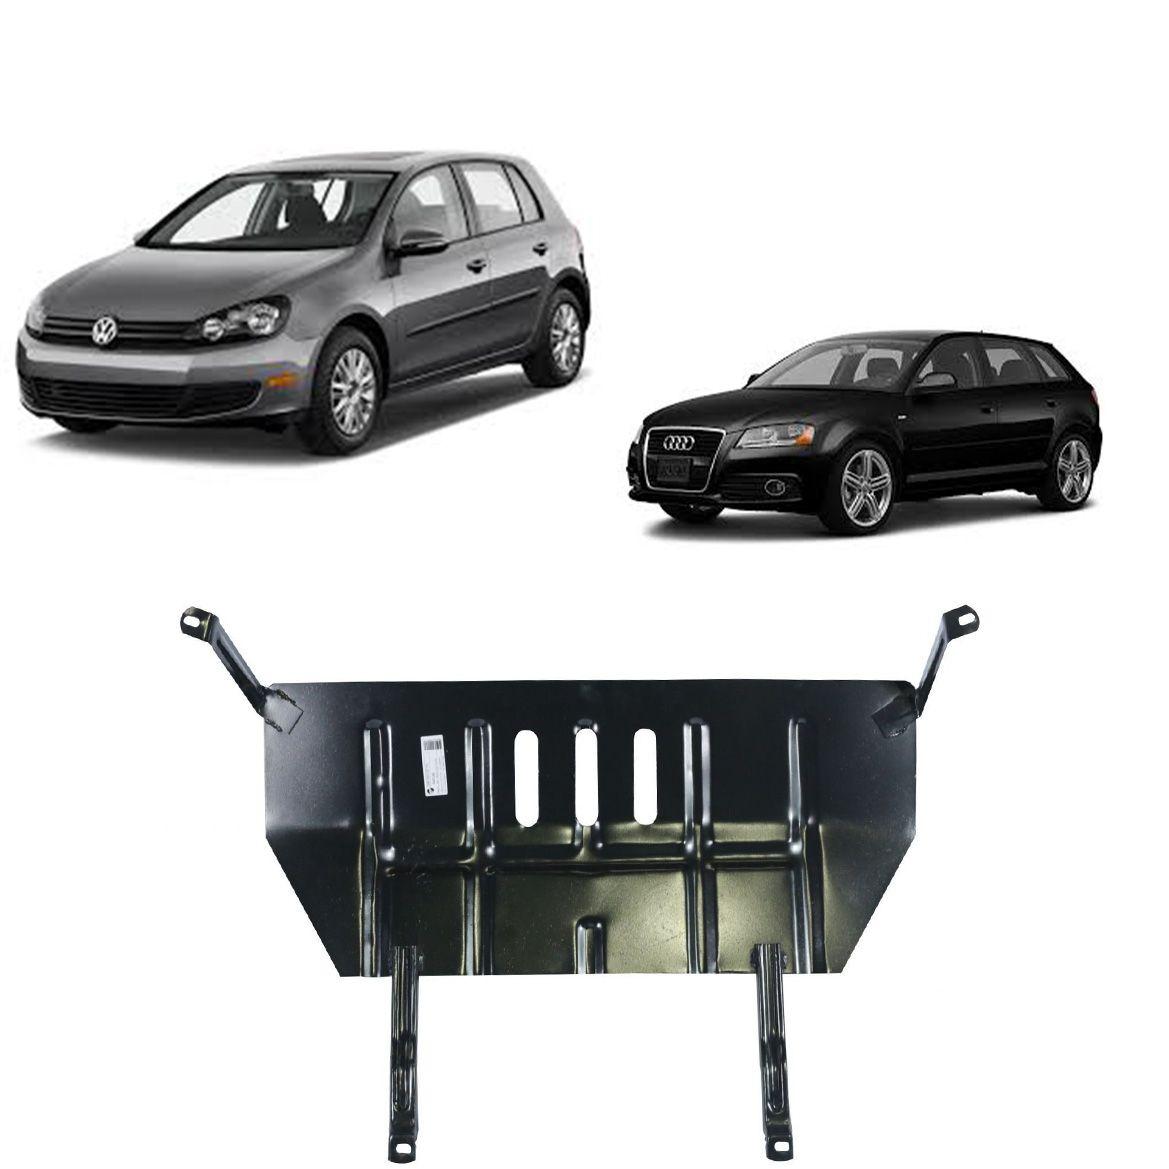 Protetor de Cárter para Golf 2001 a 2012 Bora e Audi A3 2009 a 2012